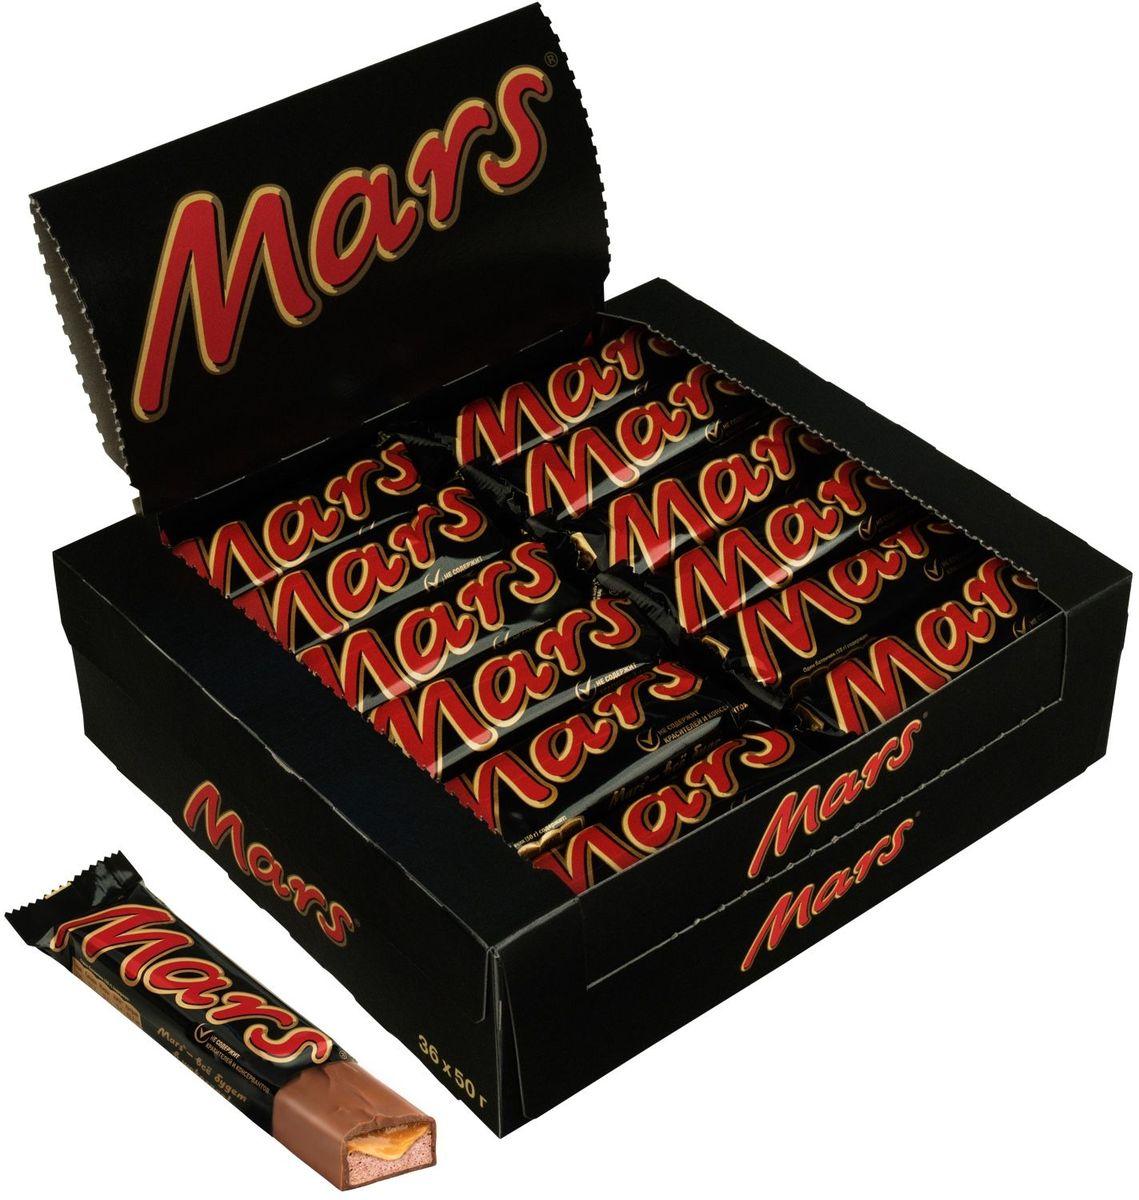 Mars шоколадный батончик, 36 шт по 50 г купить стол mars